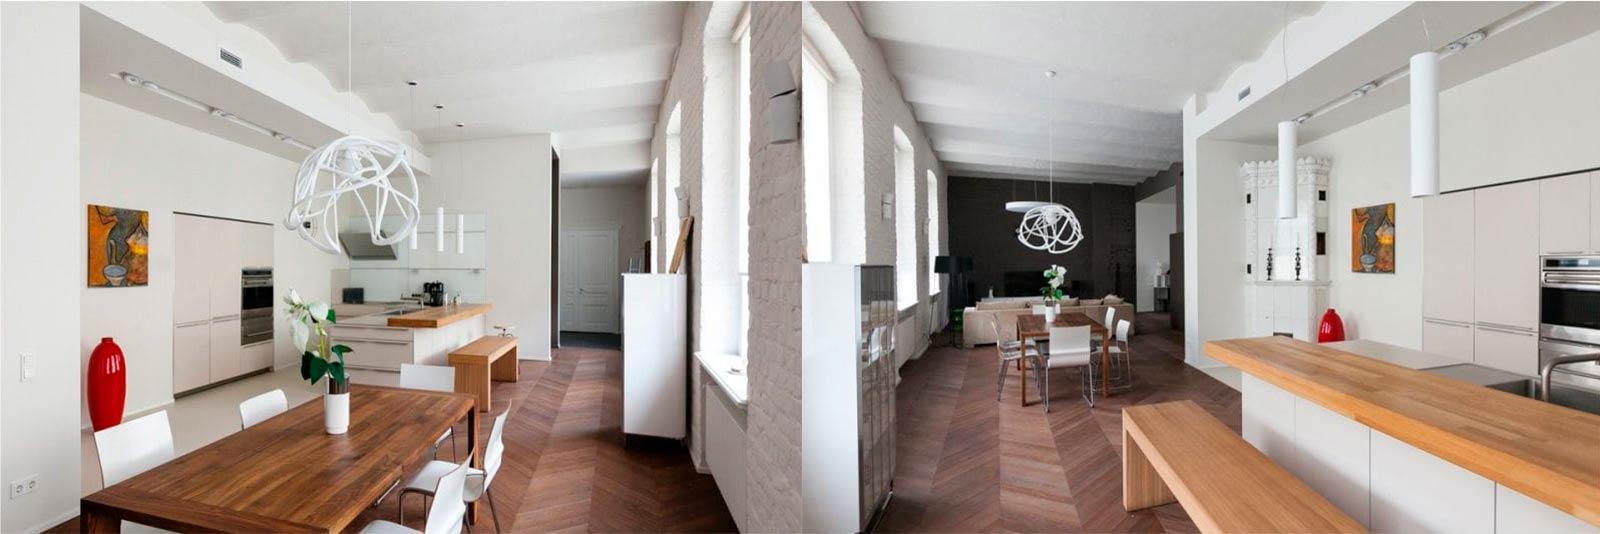 Пол-в-интерьере-кухни-в-стиле-минимализм